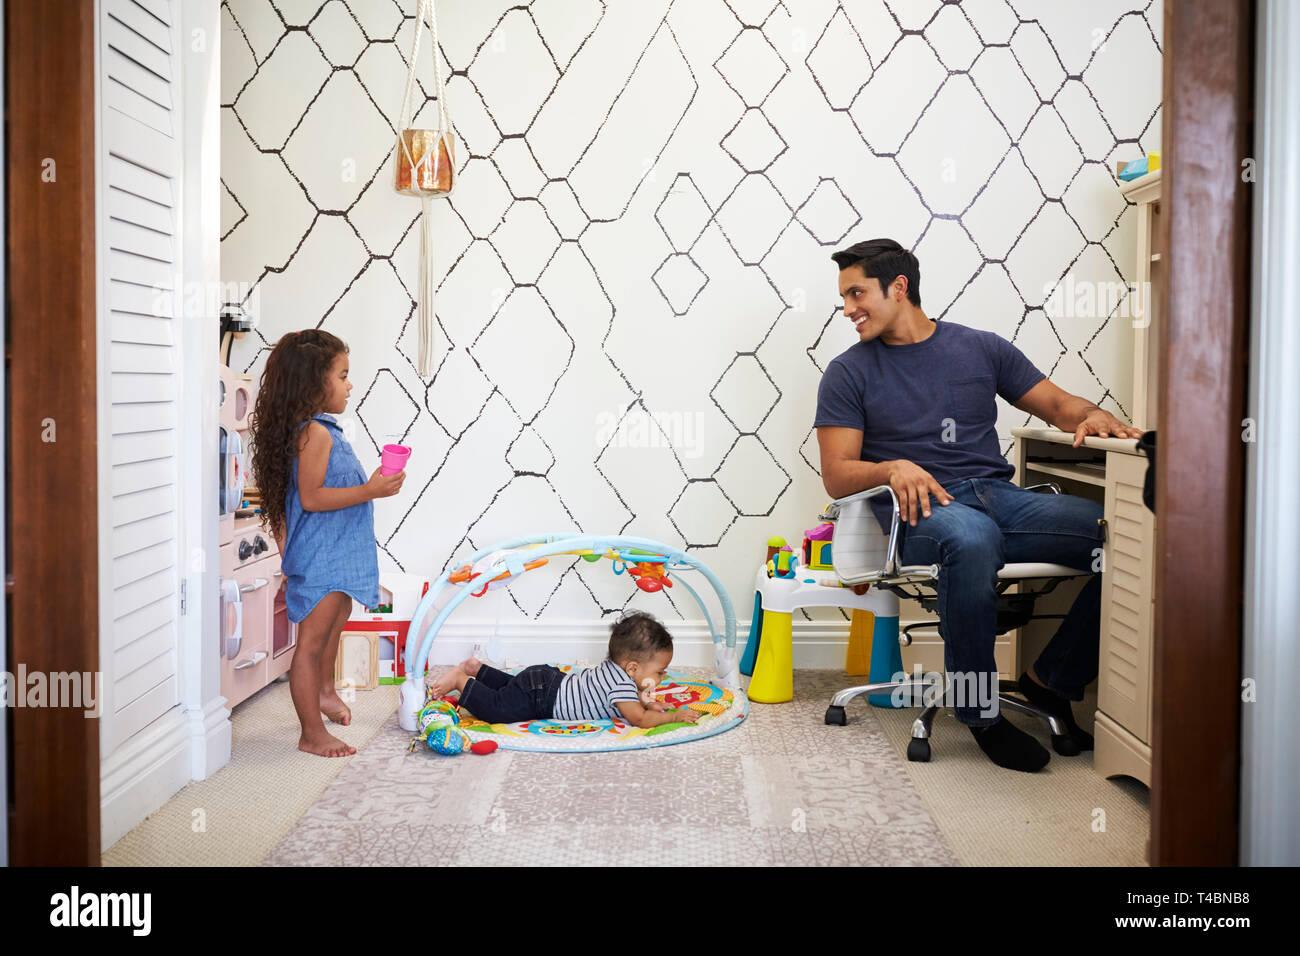 Vati am Schreibtisch zu Hause arbeitet, dreht sich um, um zu seinen jungen Kinder zu sprechen, spielen in den Raum hinter ihm Stockfoto